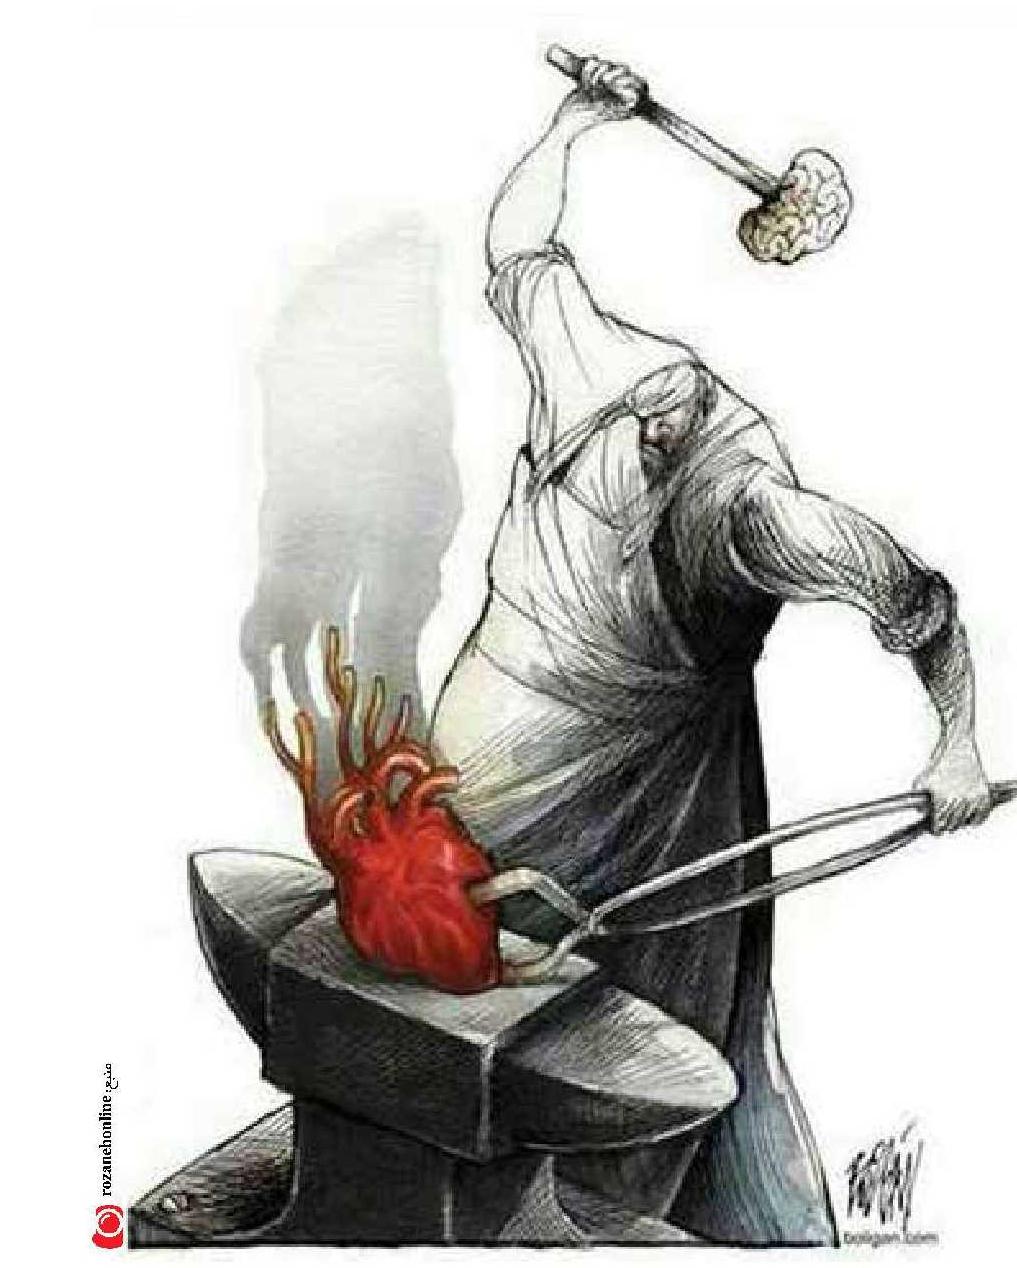 درمان عشق بیمارگونه